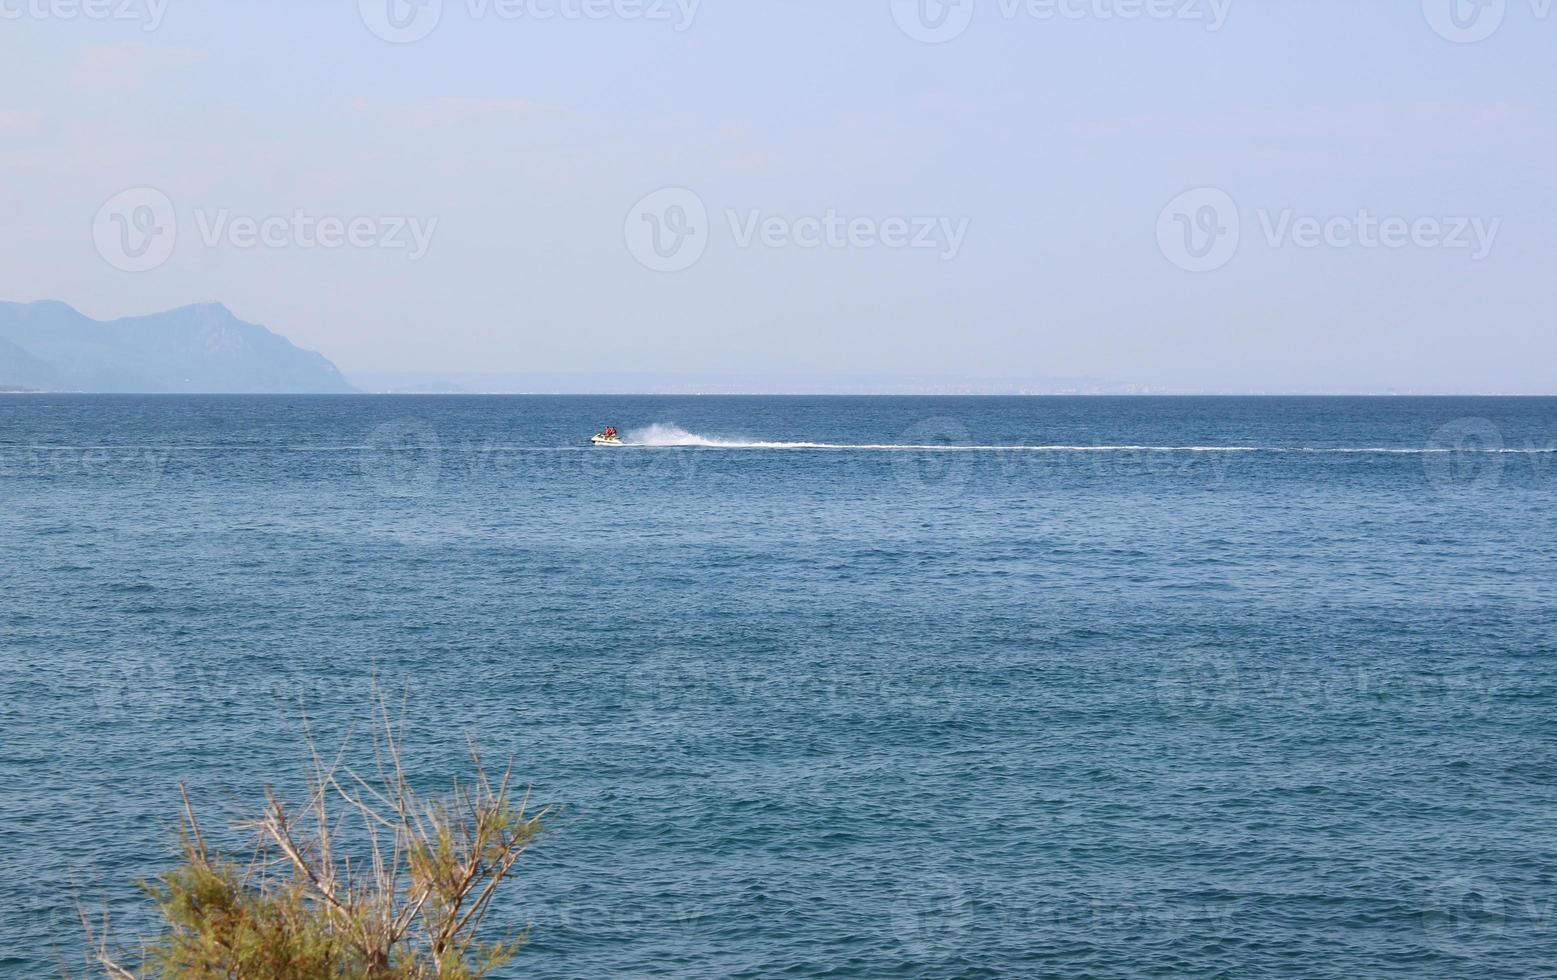 paesaggio marino con montagne e persone su una moto d'acqua foto